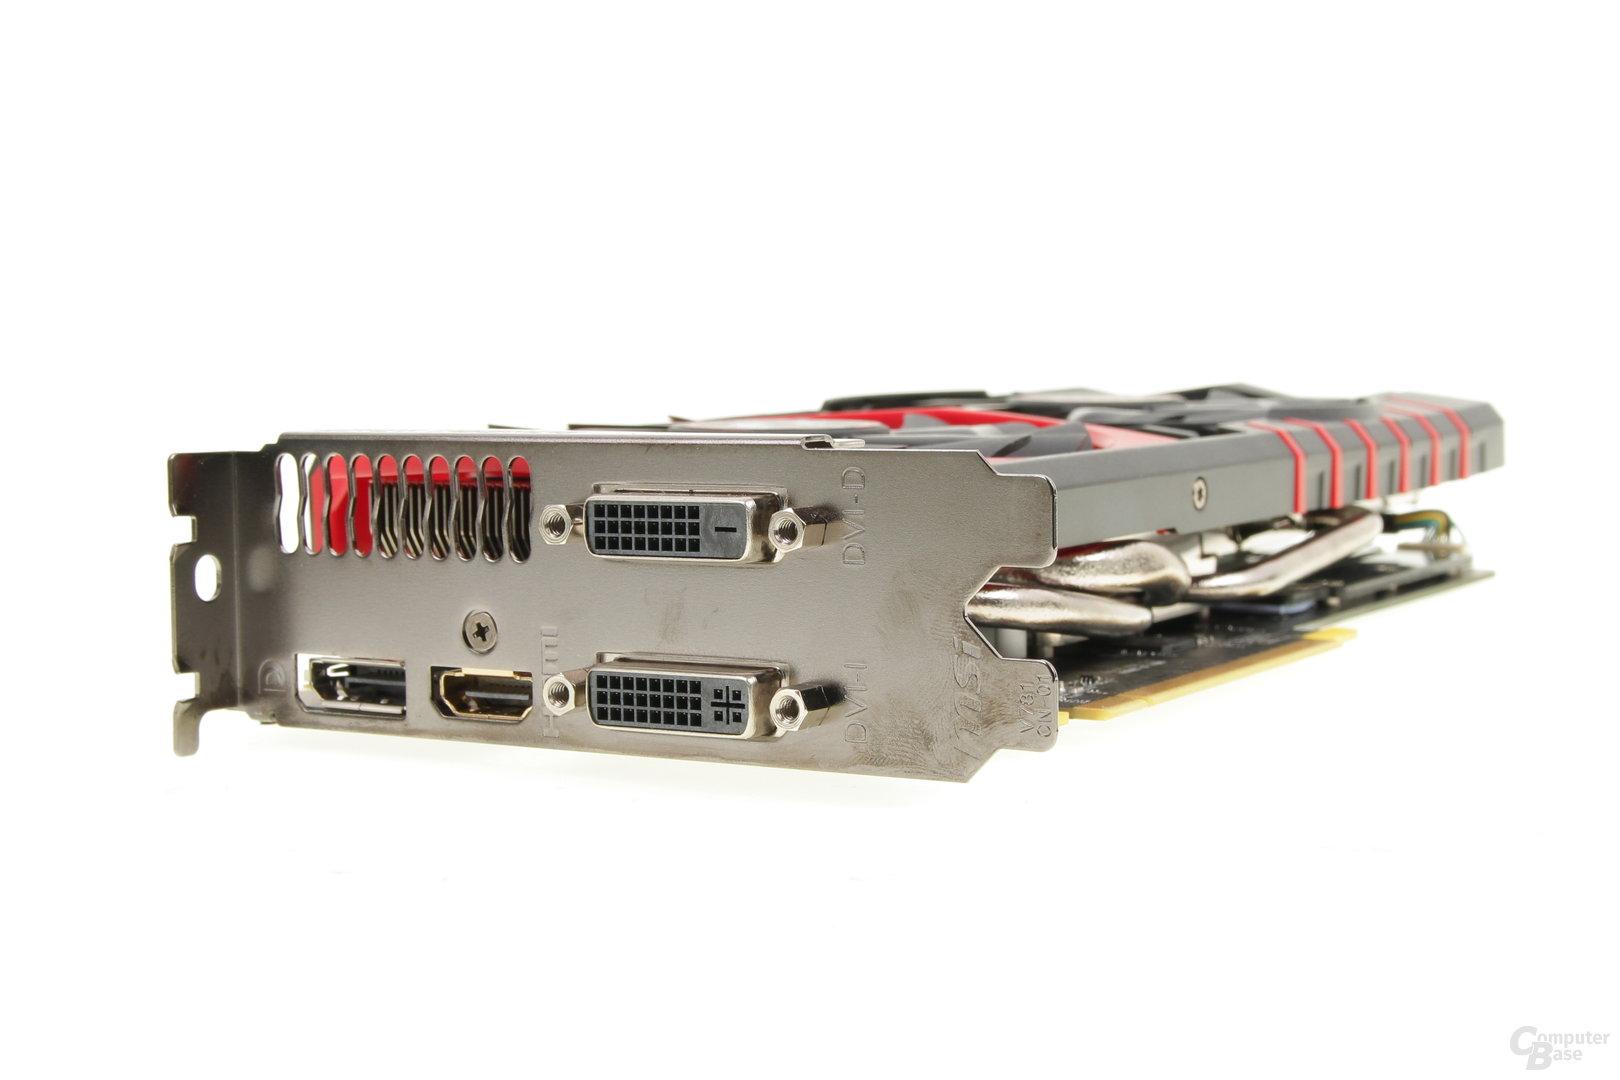 MSI GeForce GTX 970 Gaming 4G – Anschlüsse